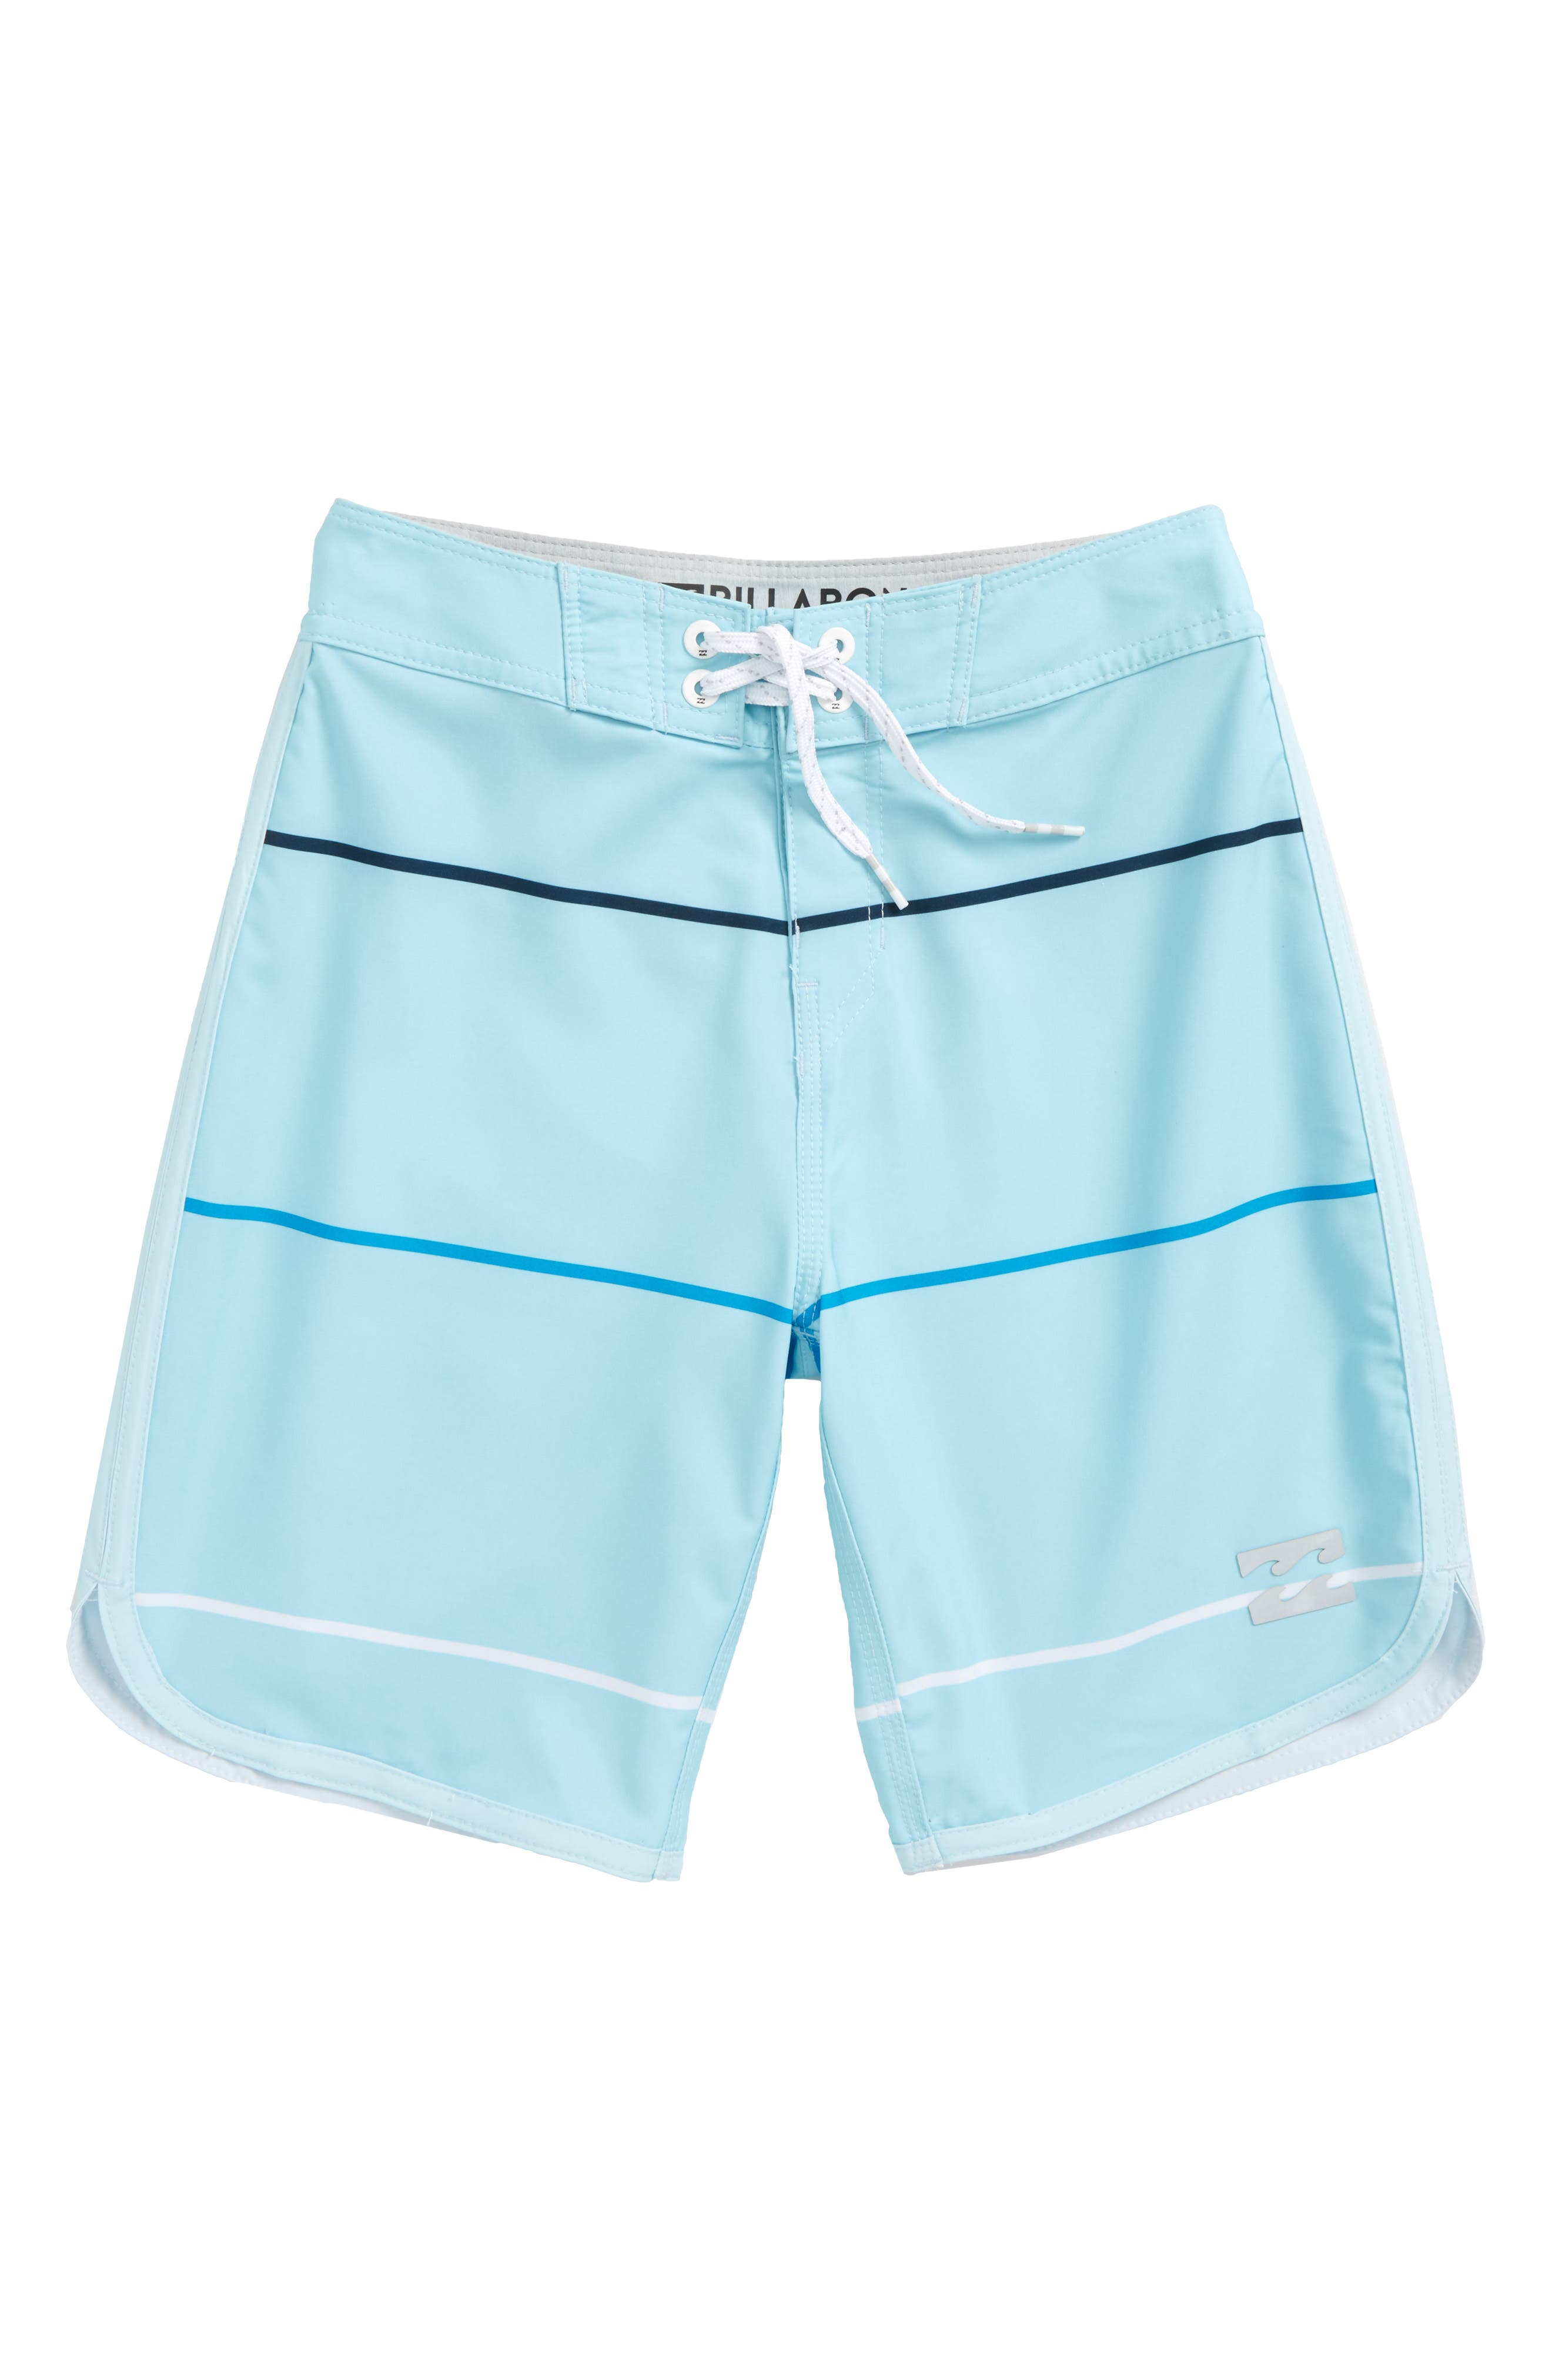 Billabong 73 X Stripe Board Shorts (Big Boys)